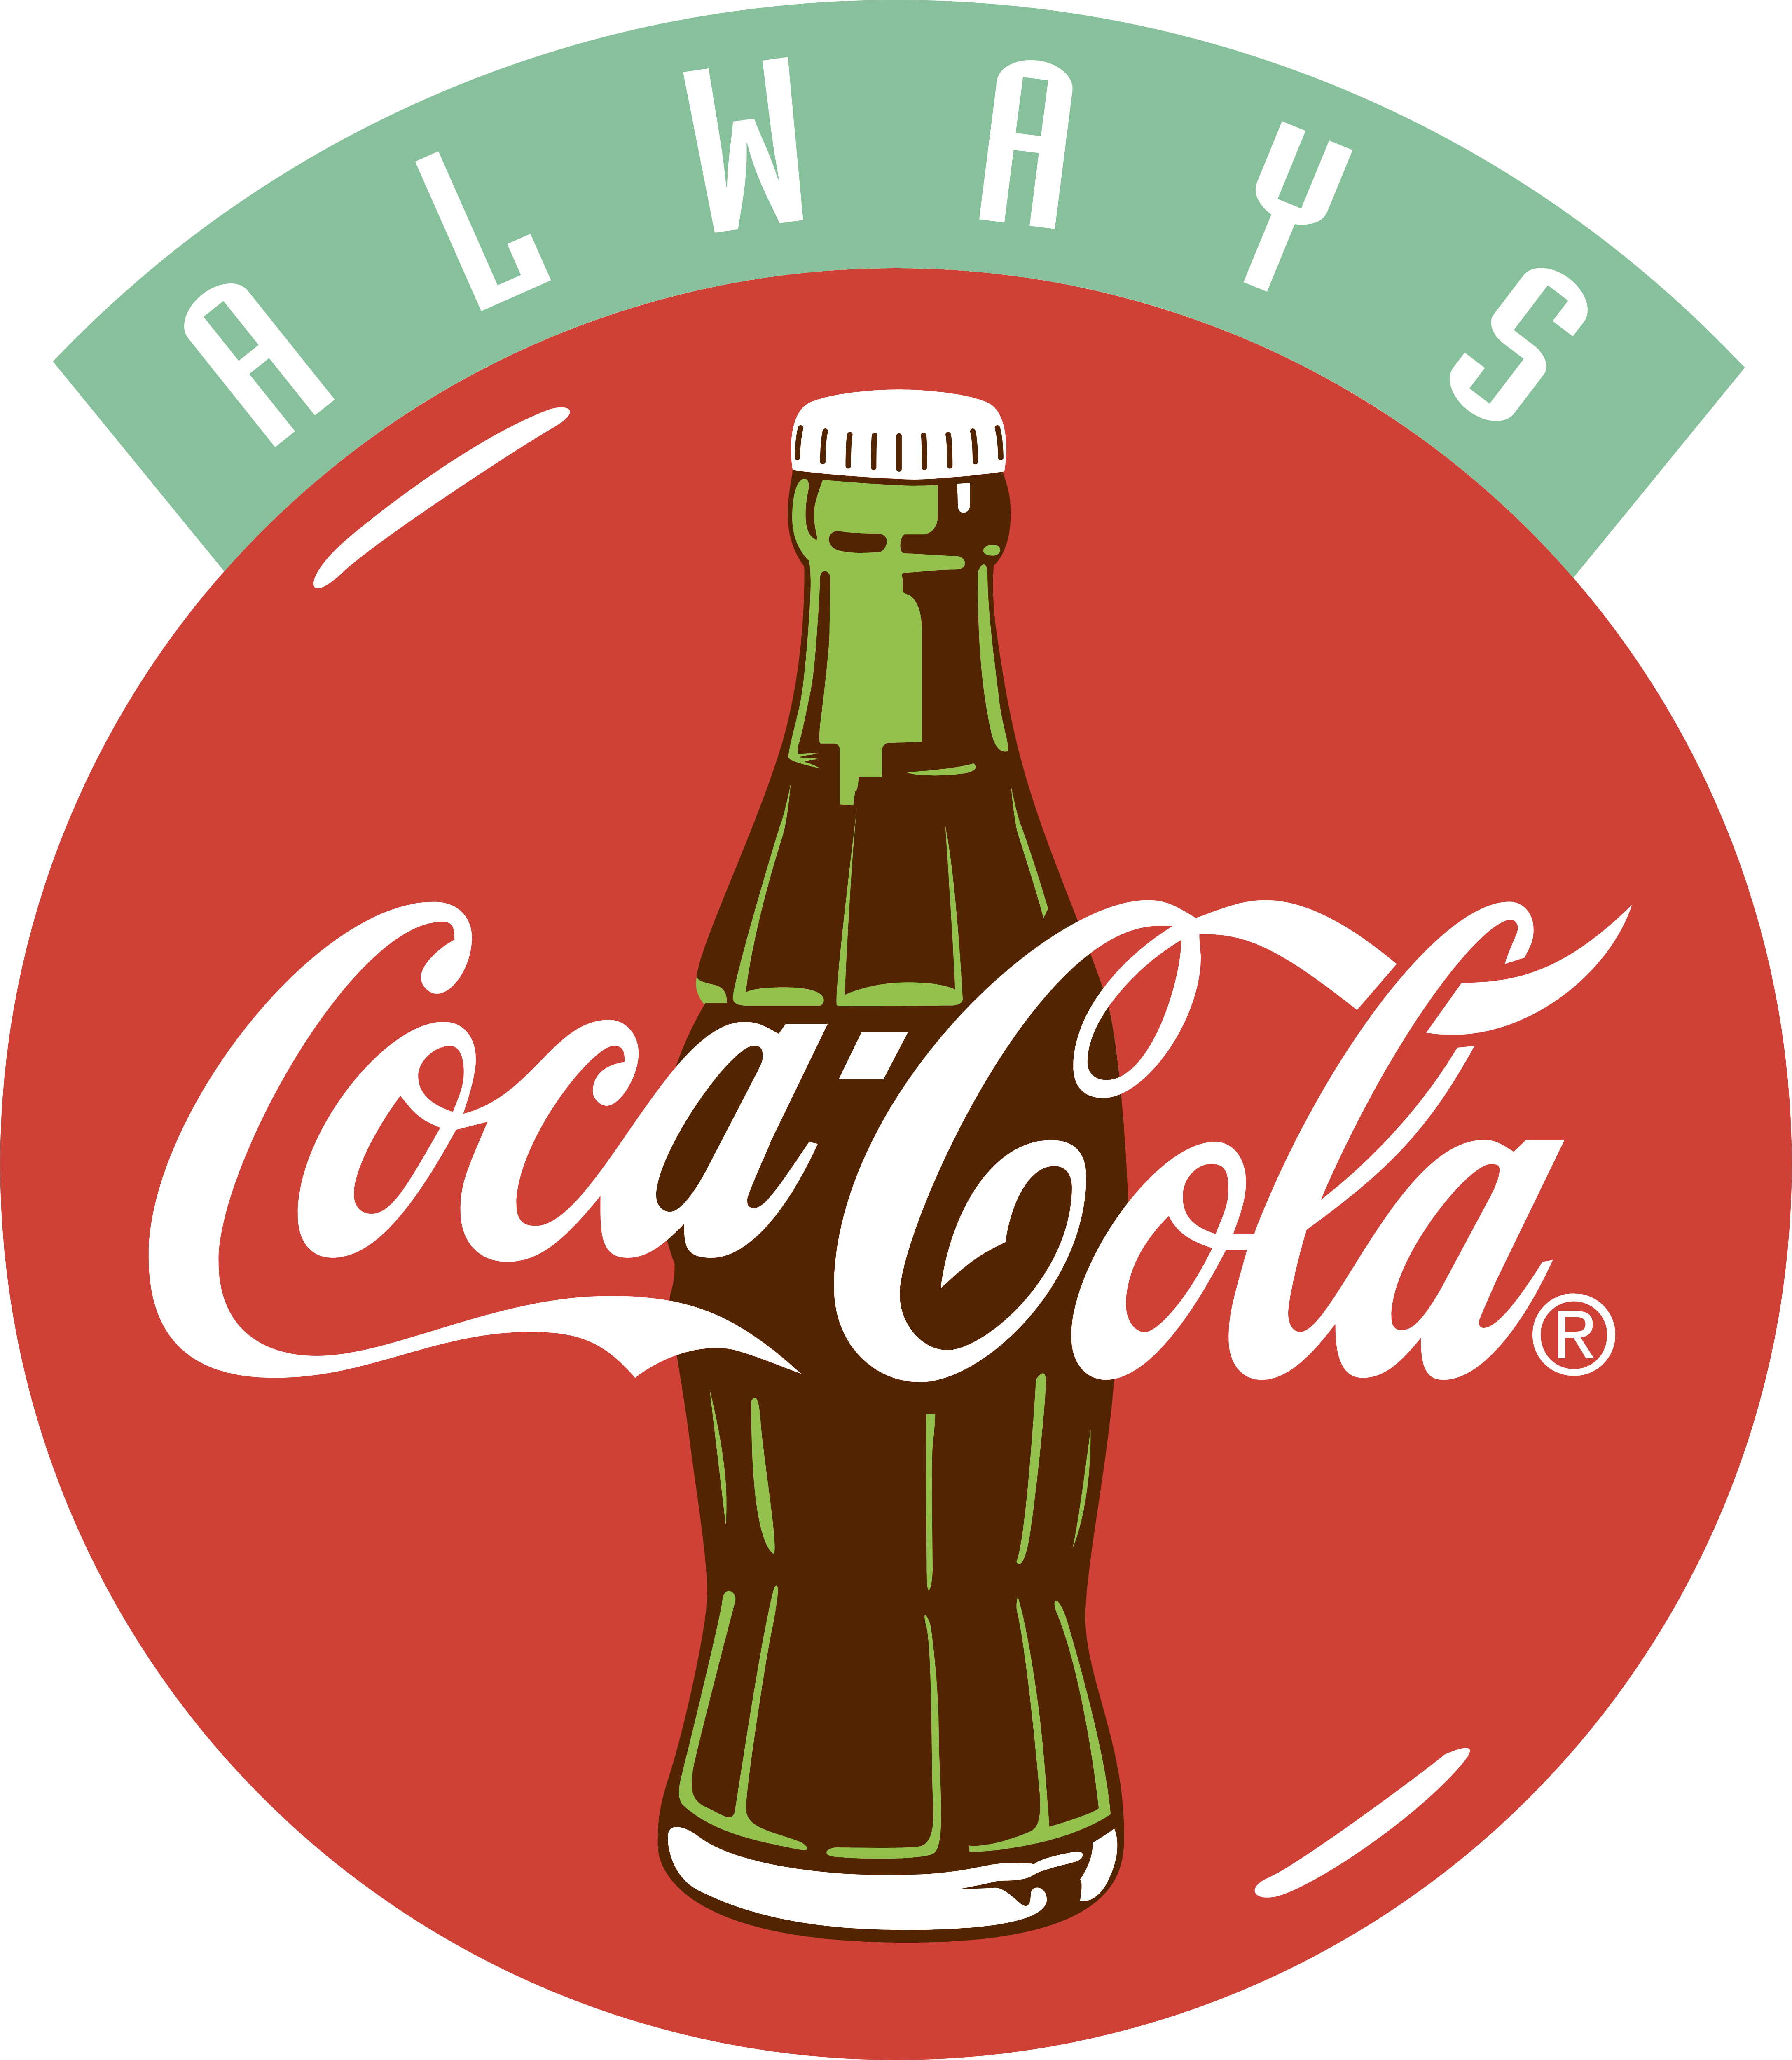 Coca-Cola - Logos Download